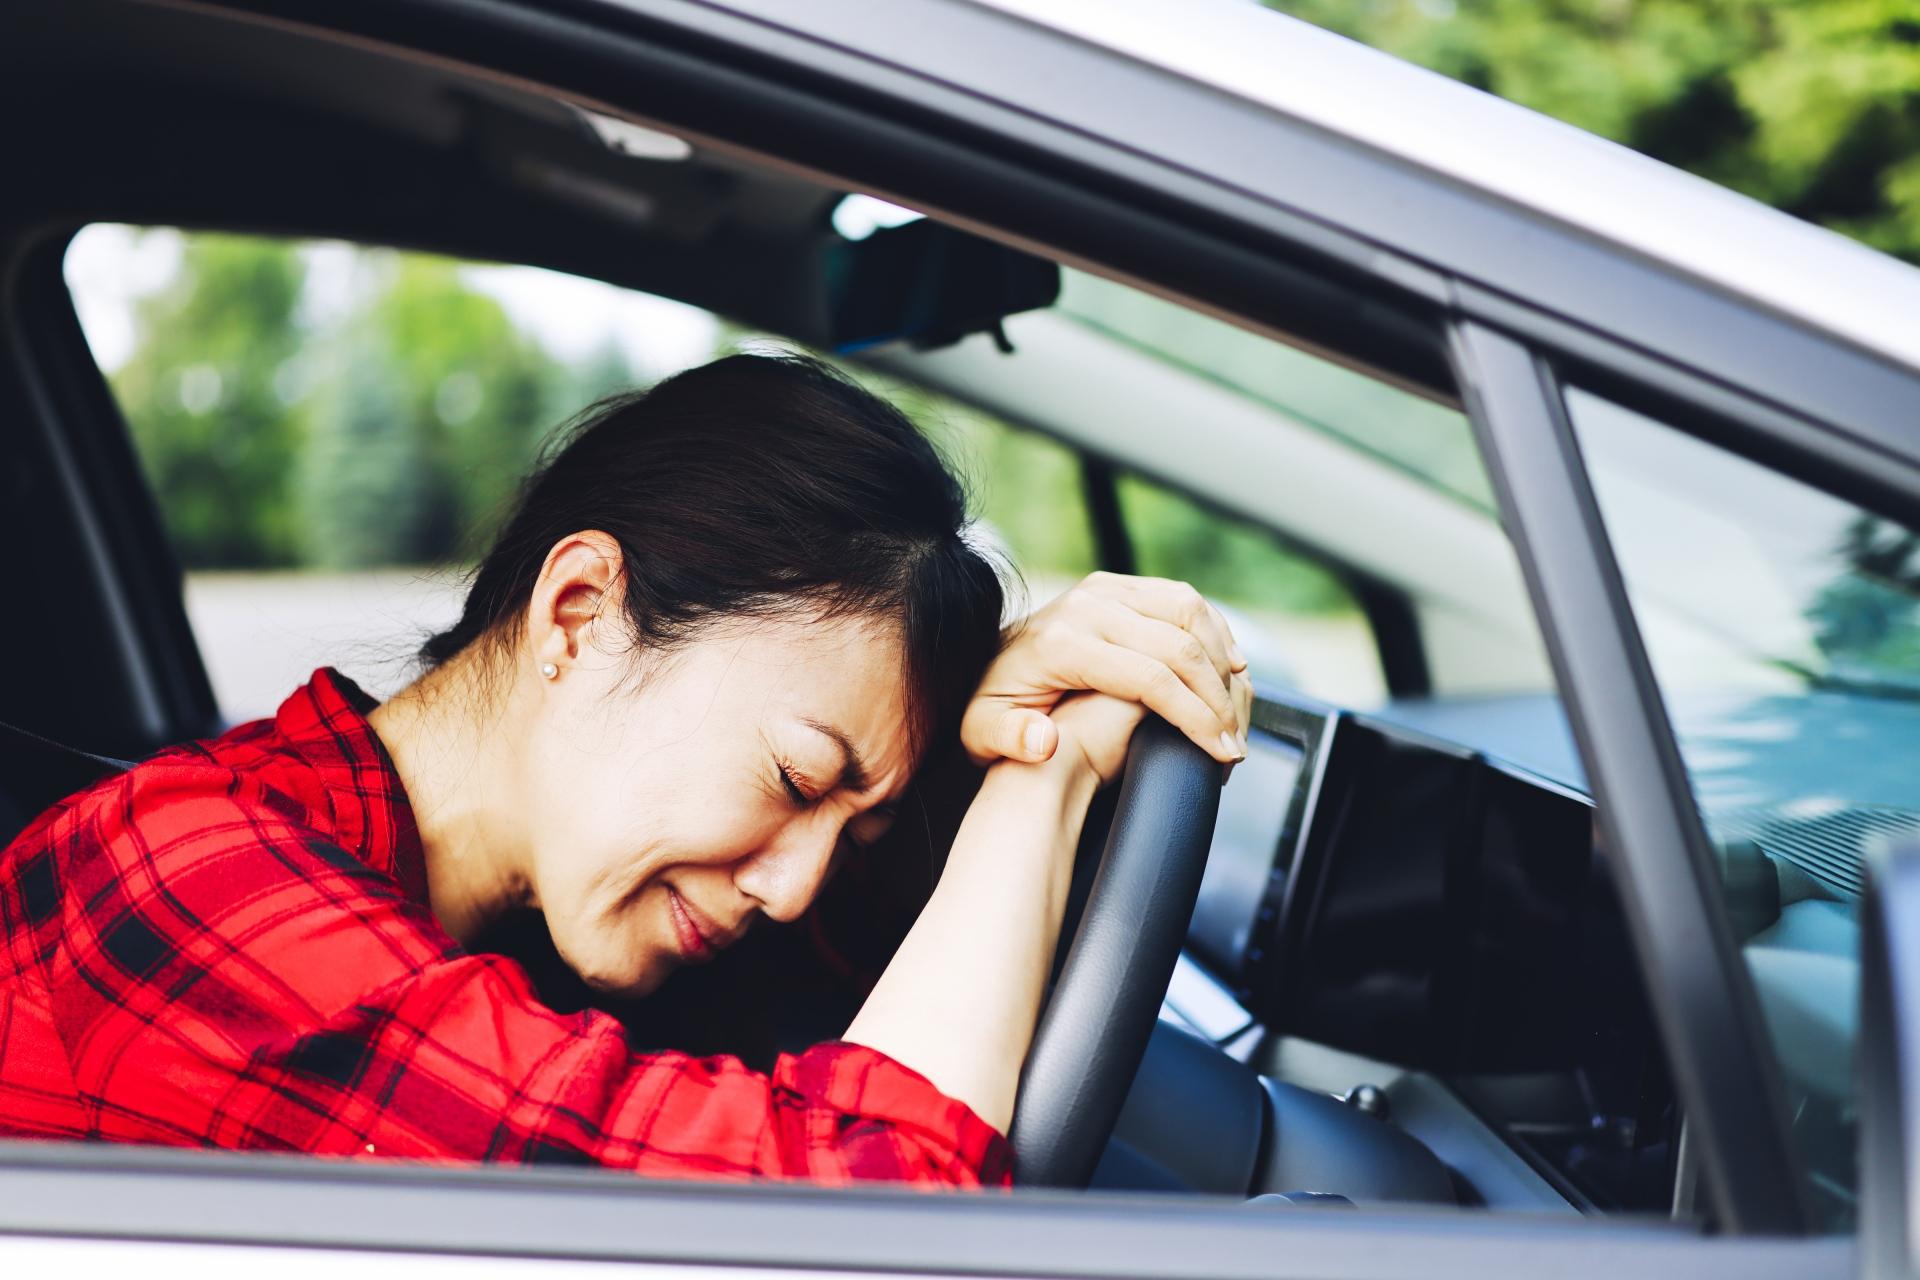 【夢占い】交通事故の夢の意味意味とは?車の状況や持ち主別に解説